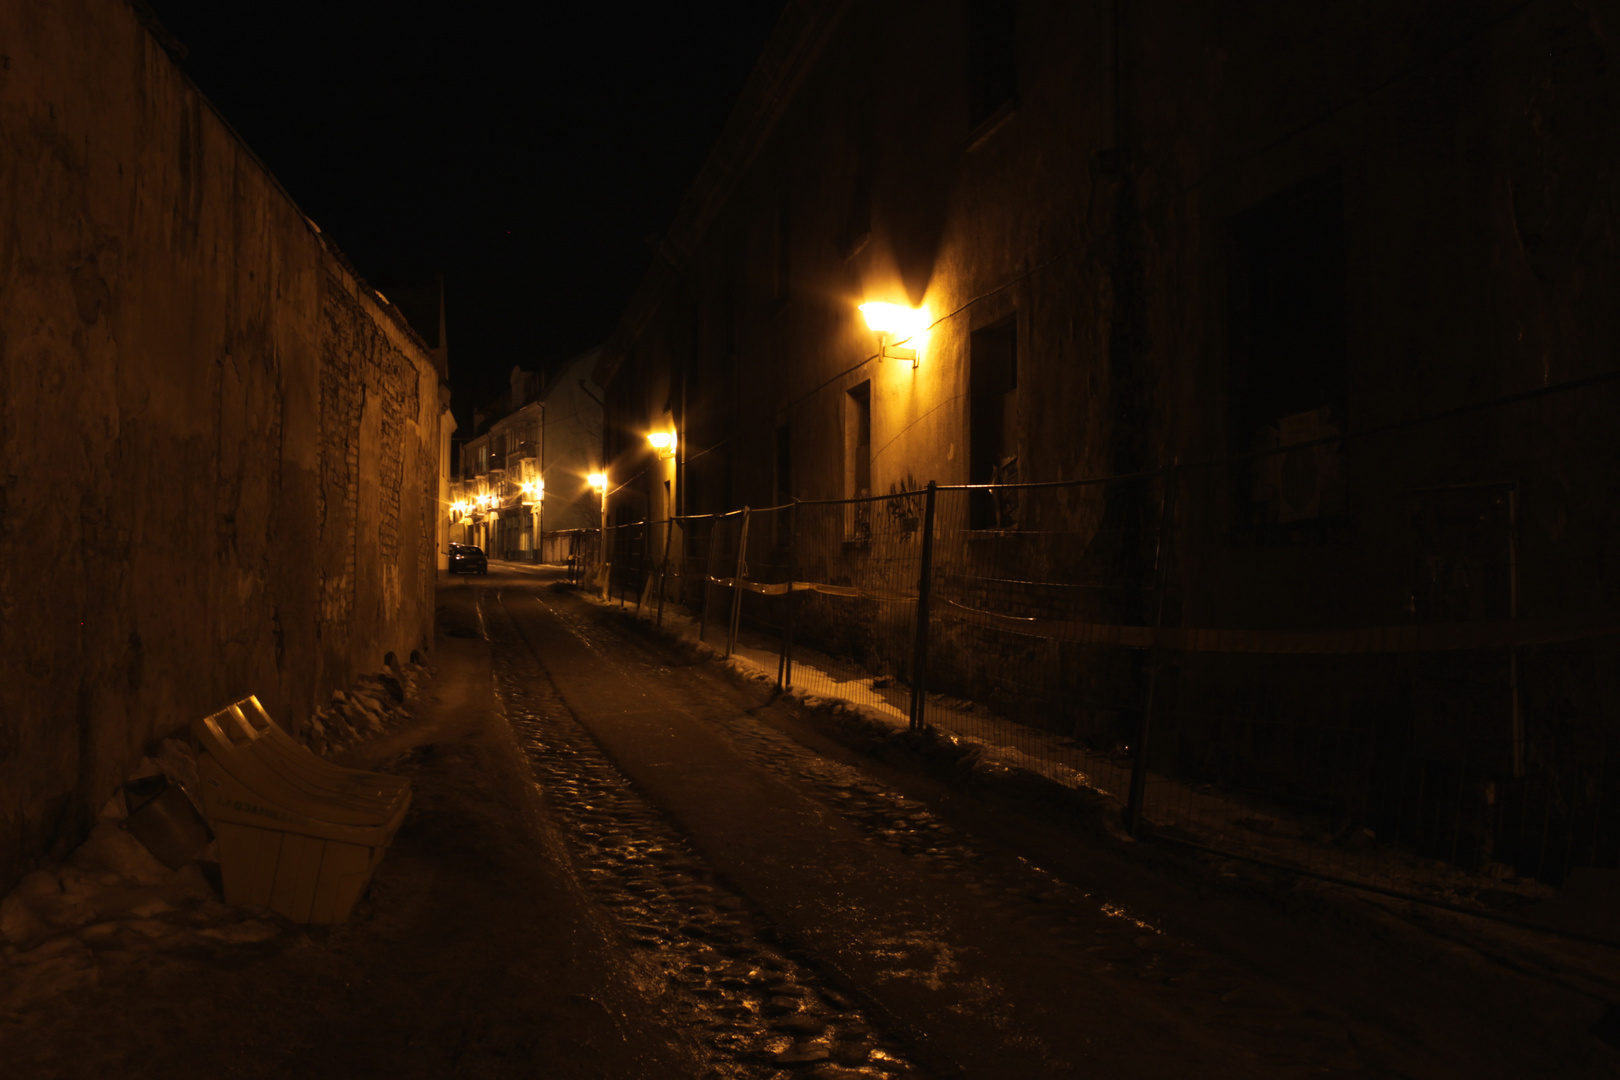 Die alte Stadt bei der Nacht